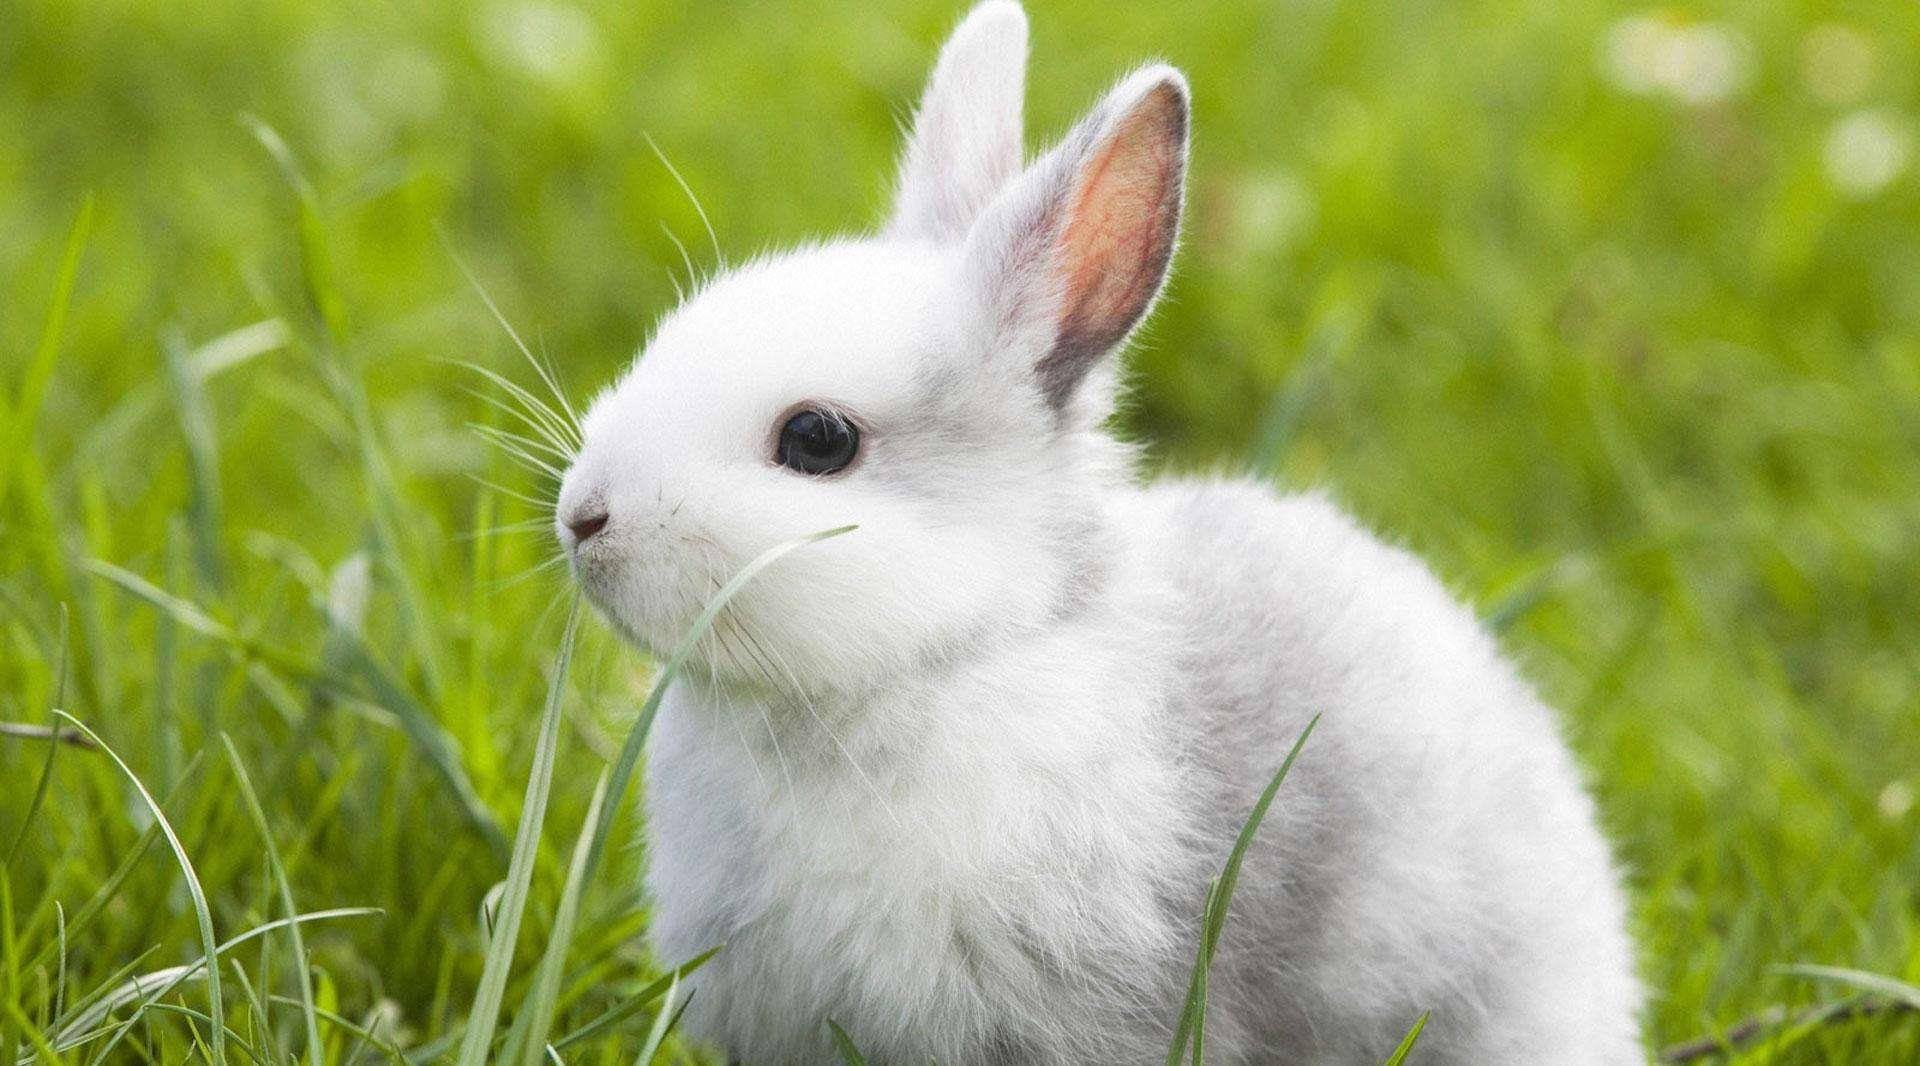 梦见两只兔子一白一黑 梦见一黑一白兔子什么预兆